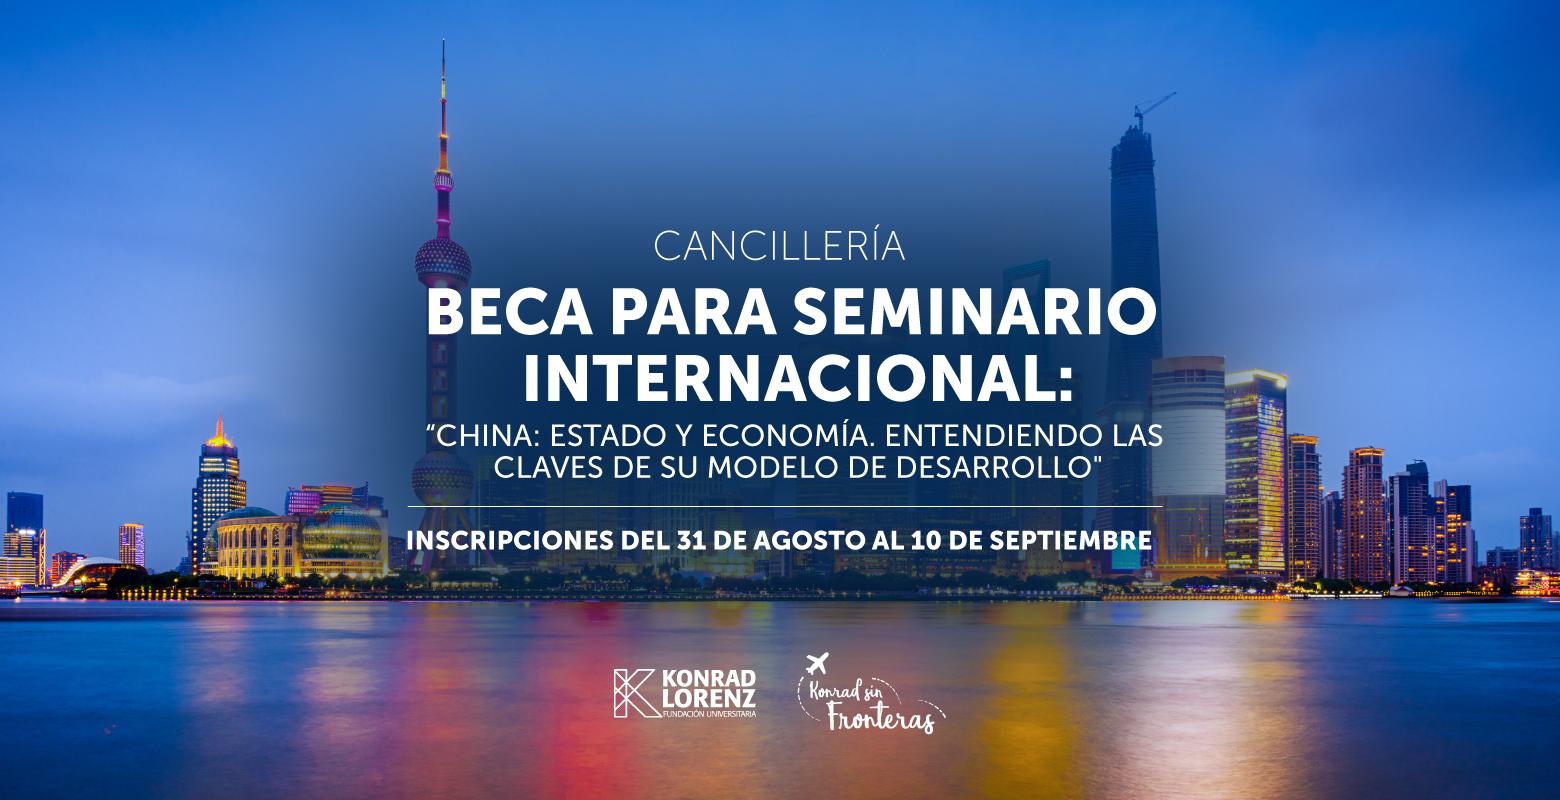 """BECA para Seminario Internacional: """"China: Estado y Economía. Entendiendo las claves de su modelo de desarrollo"""